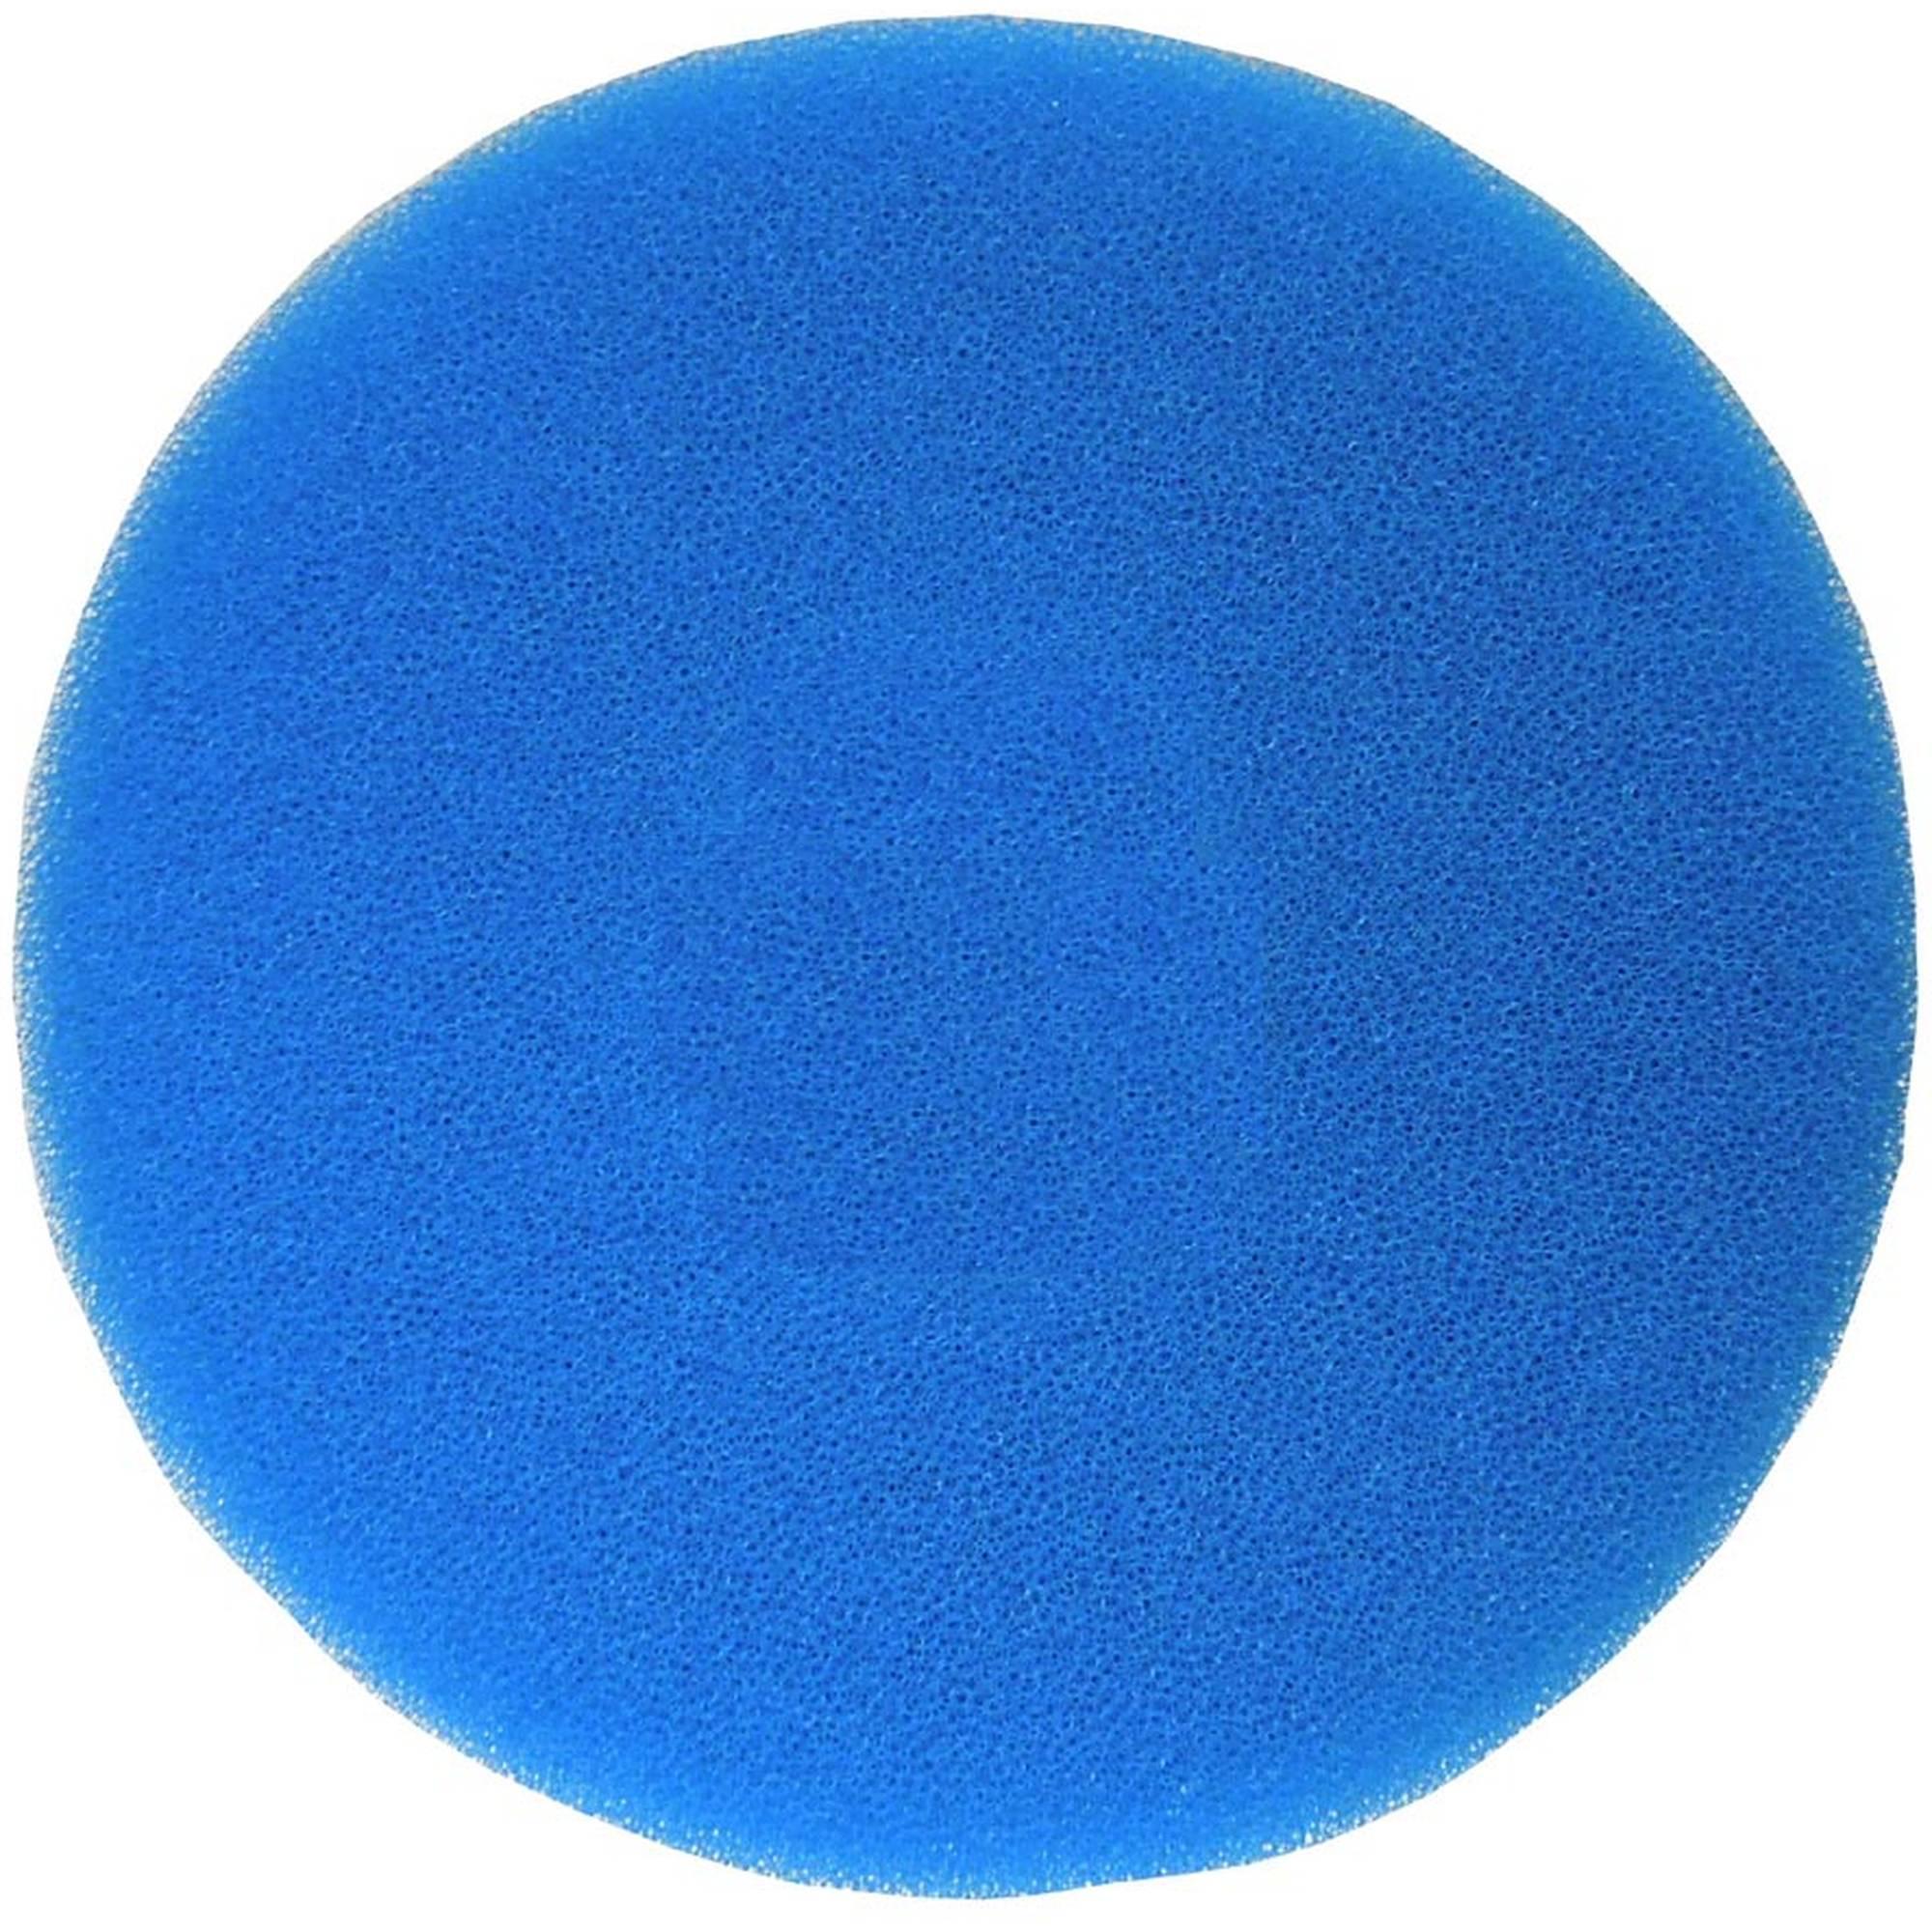 Filterschwamm, blau, fein HLF4000-00